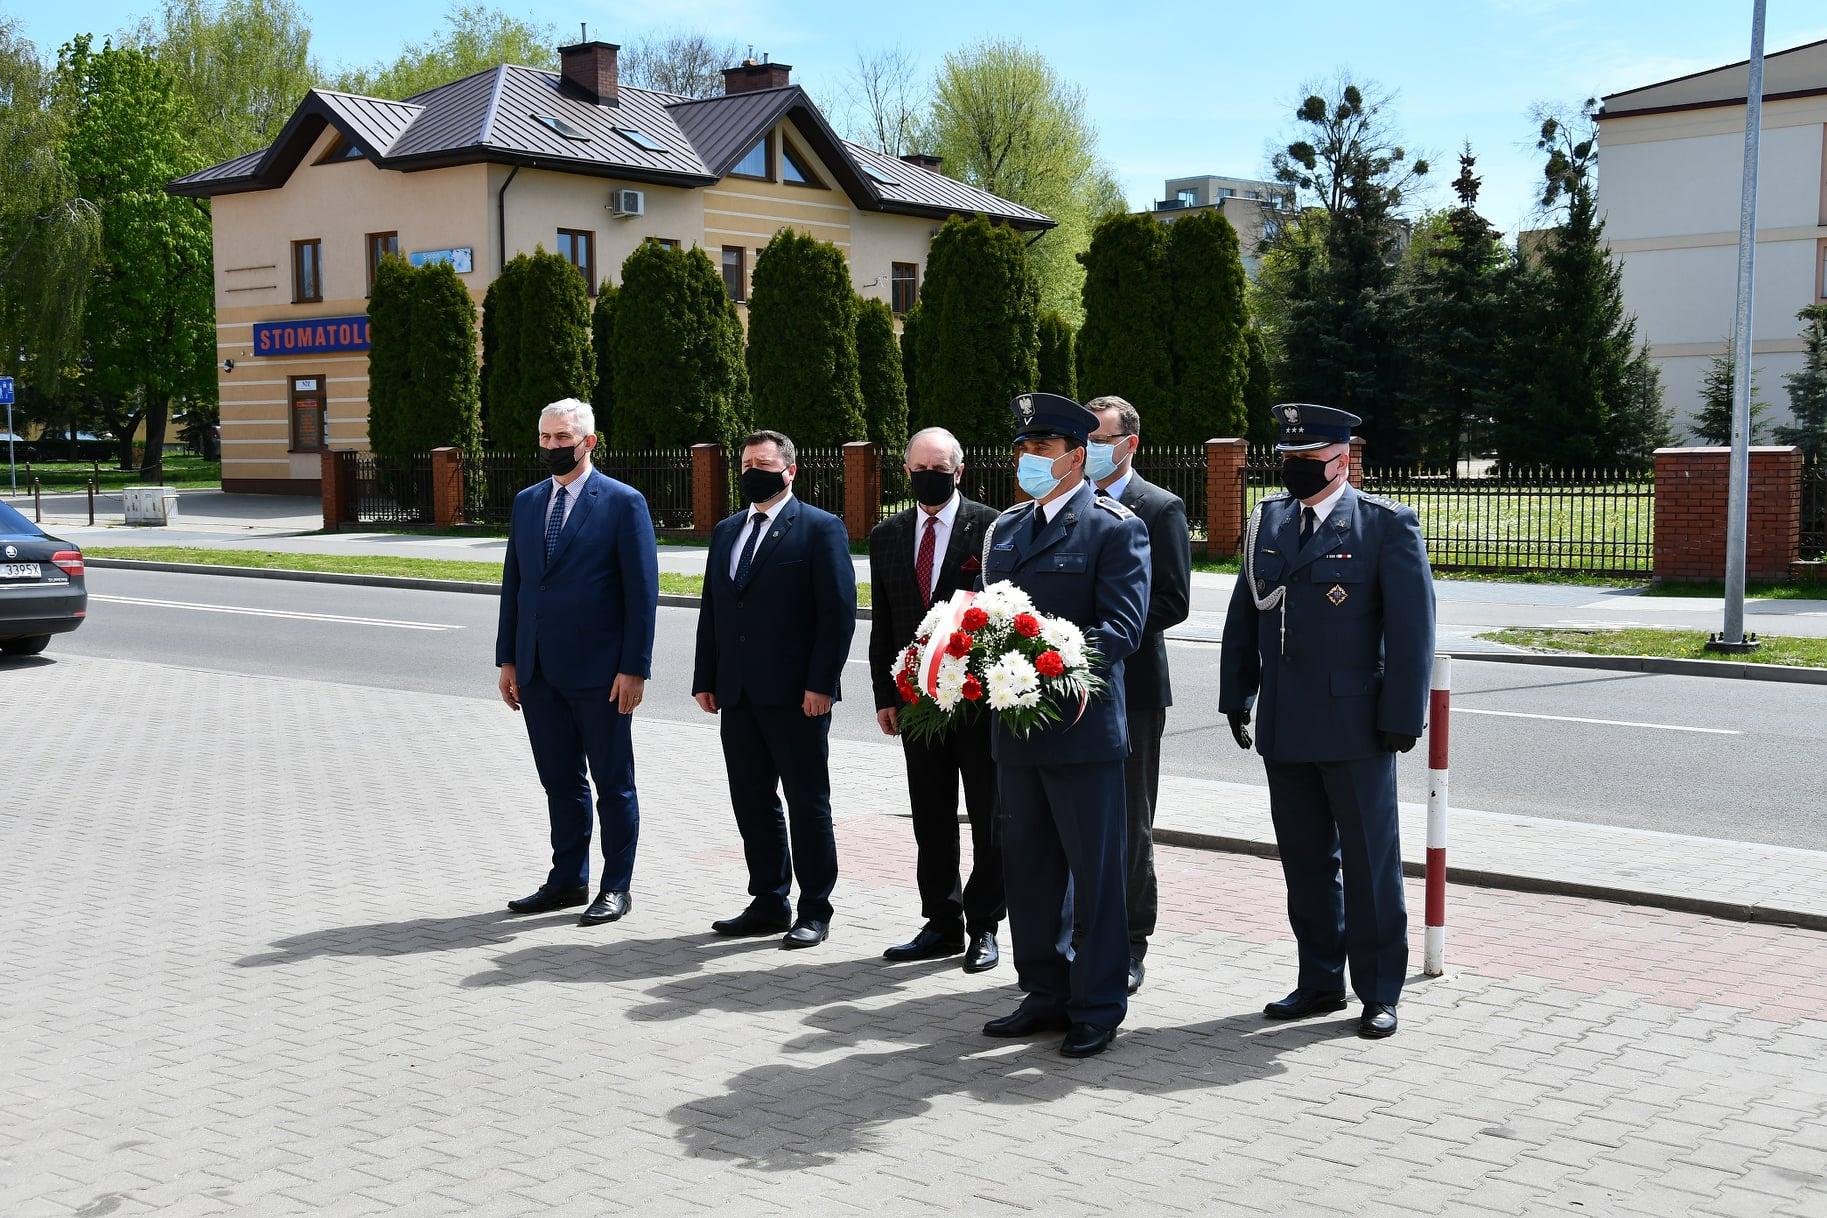 184235916 308717640832697 446240216774944572 n ZAMOŚĆ: Wiceminister Sprawiedliwości oddał hołd bohaterom brawurowej akcji sprzed 75 lat